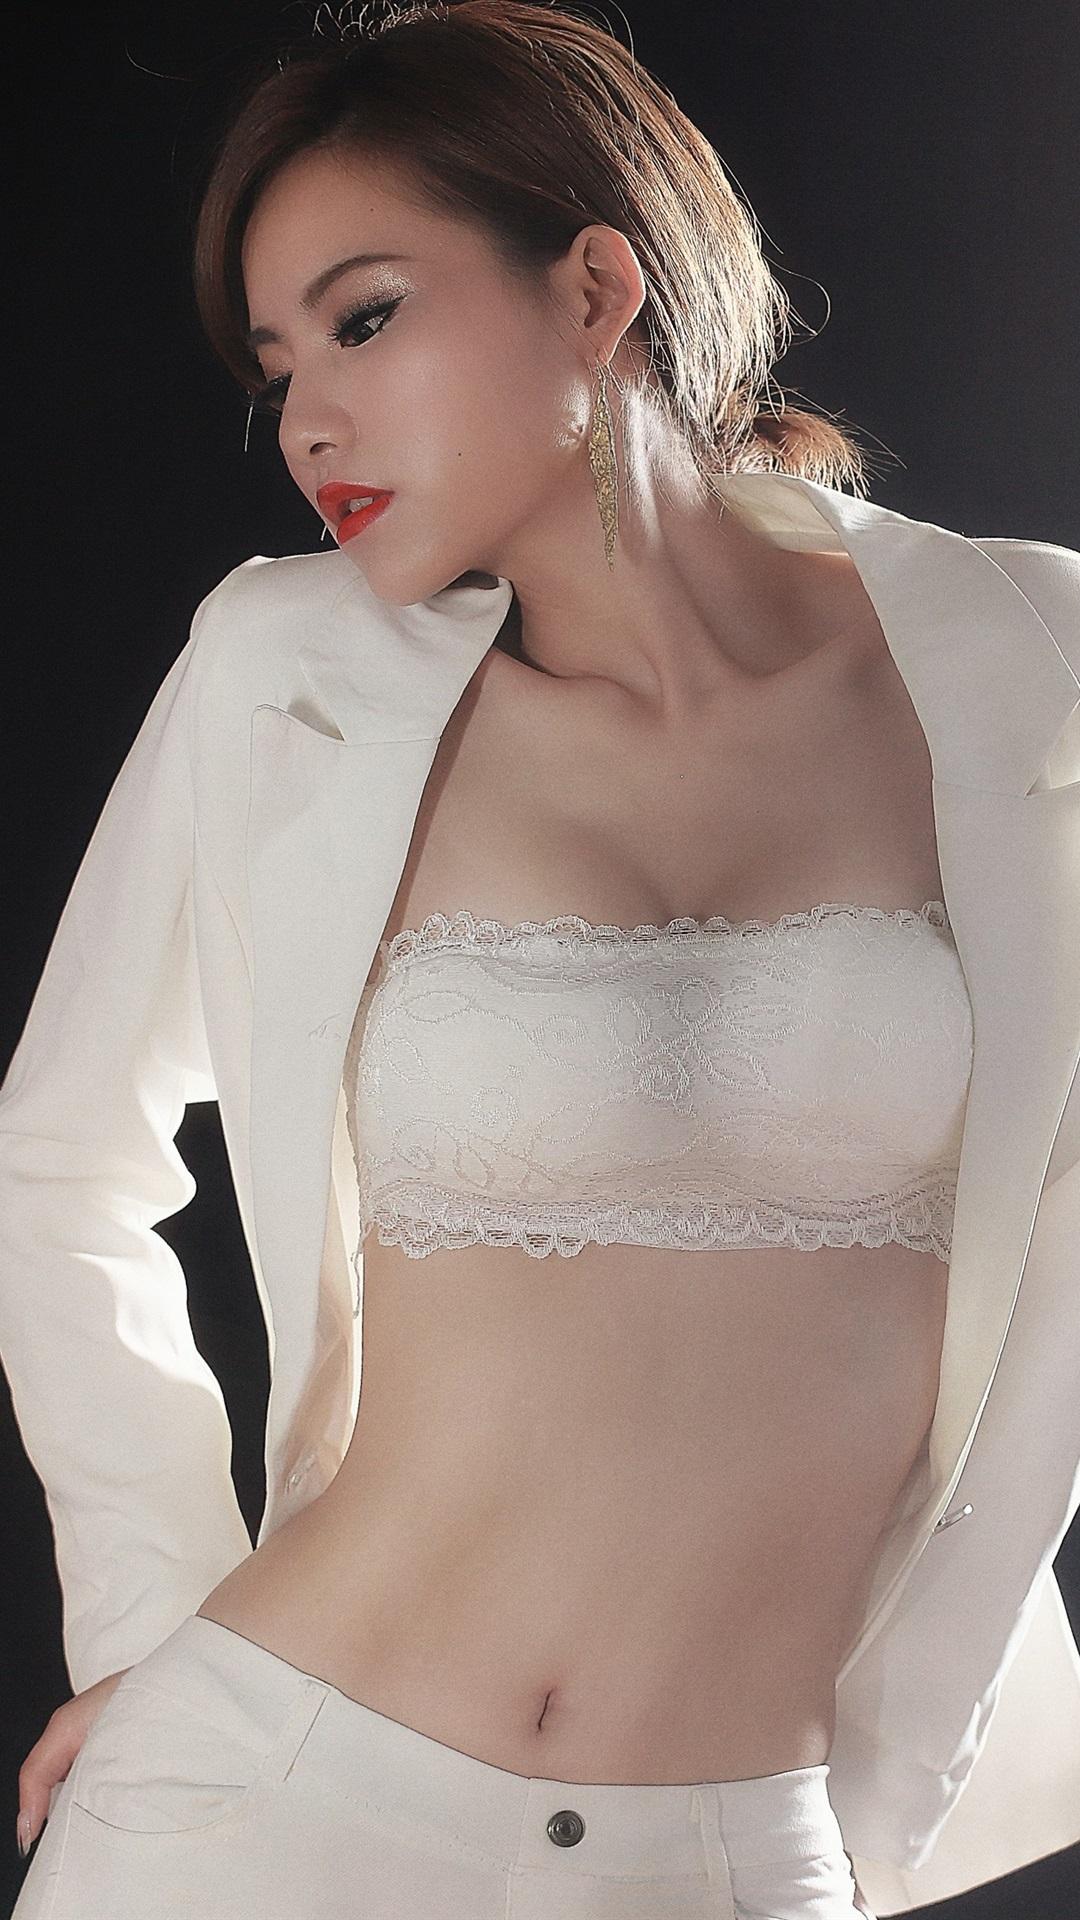 Wallpaper white dress asian girl black background - Asian girl 4k ...